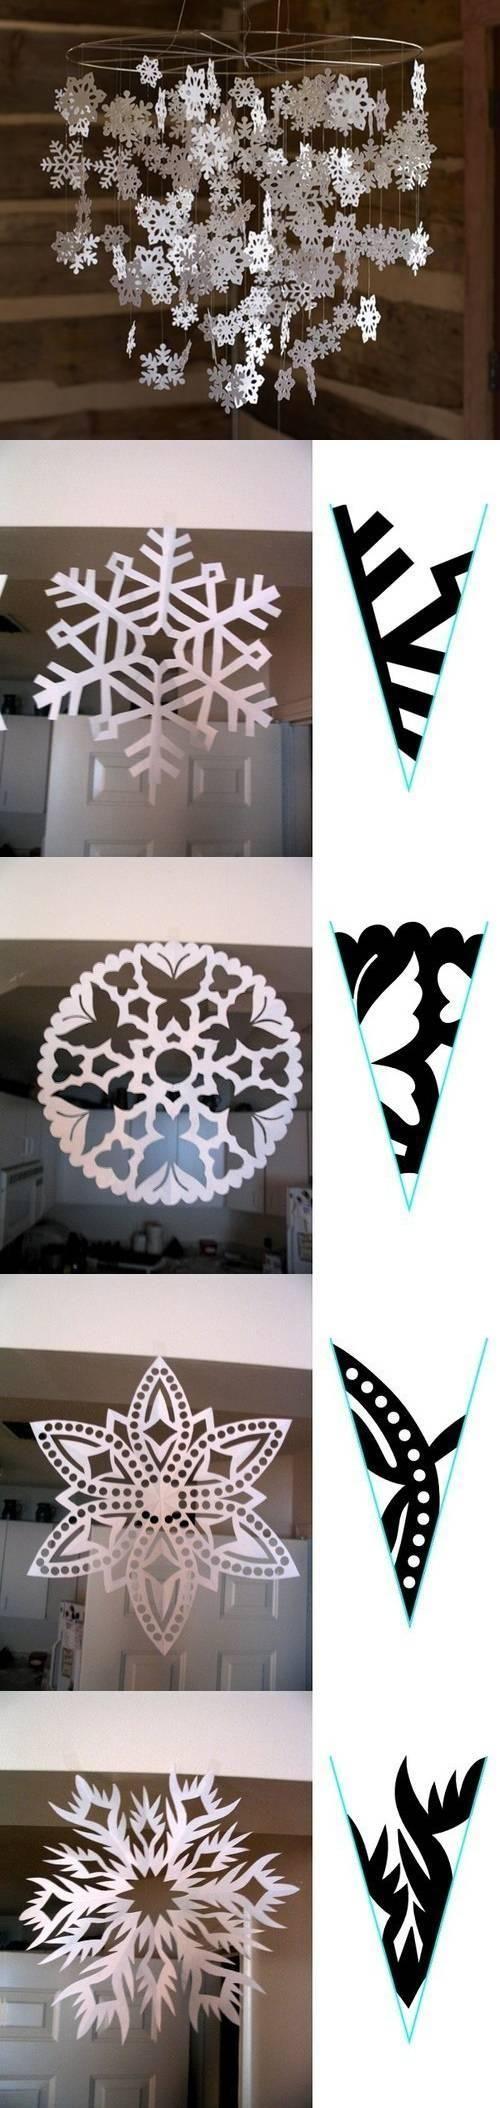 snowflake paper pattern